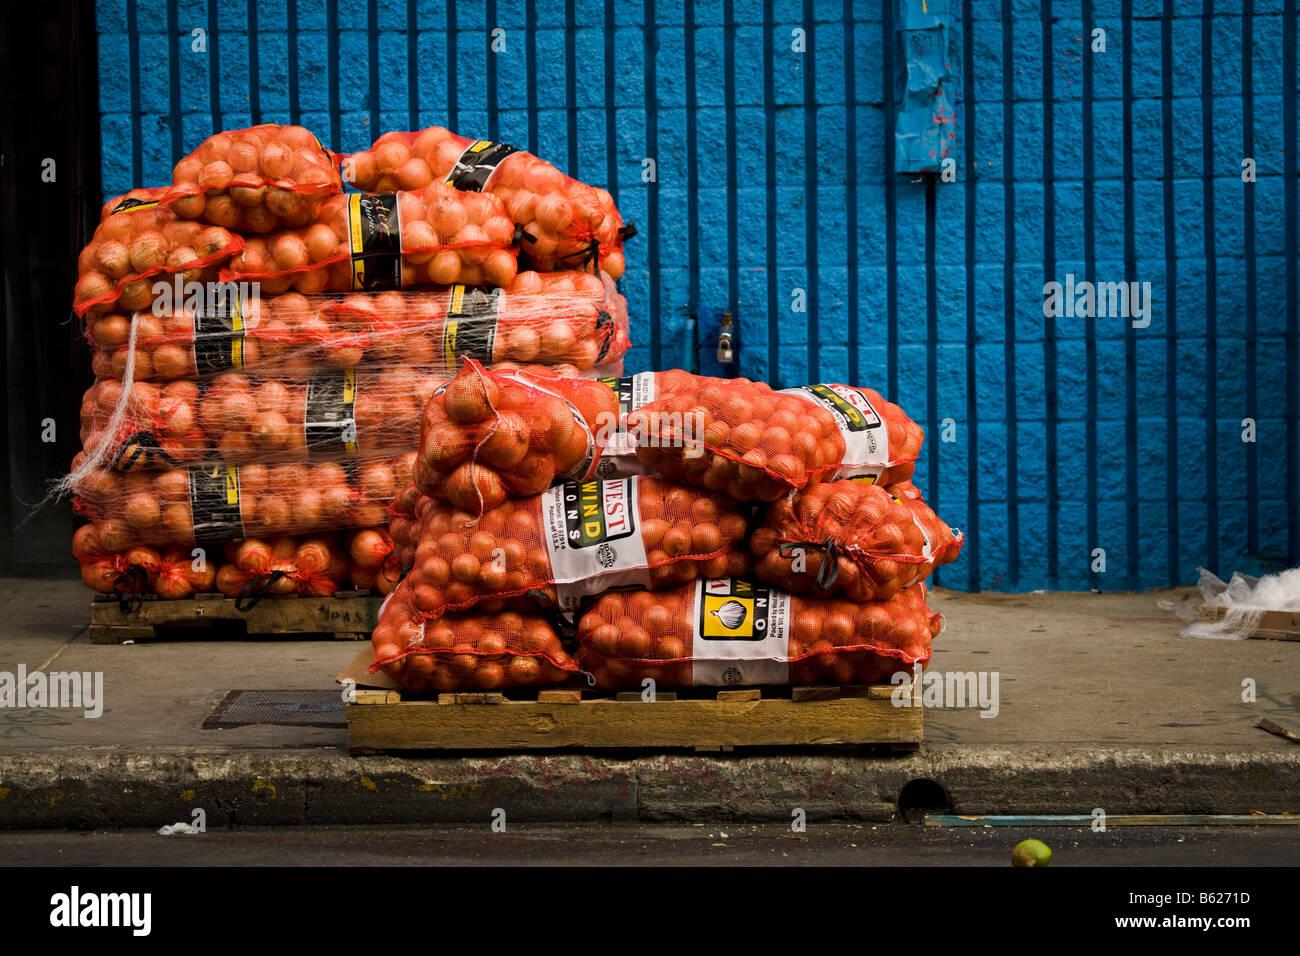 Fruit Distributor Stock Photos & Fruit Distributor Stock Images - Alamy